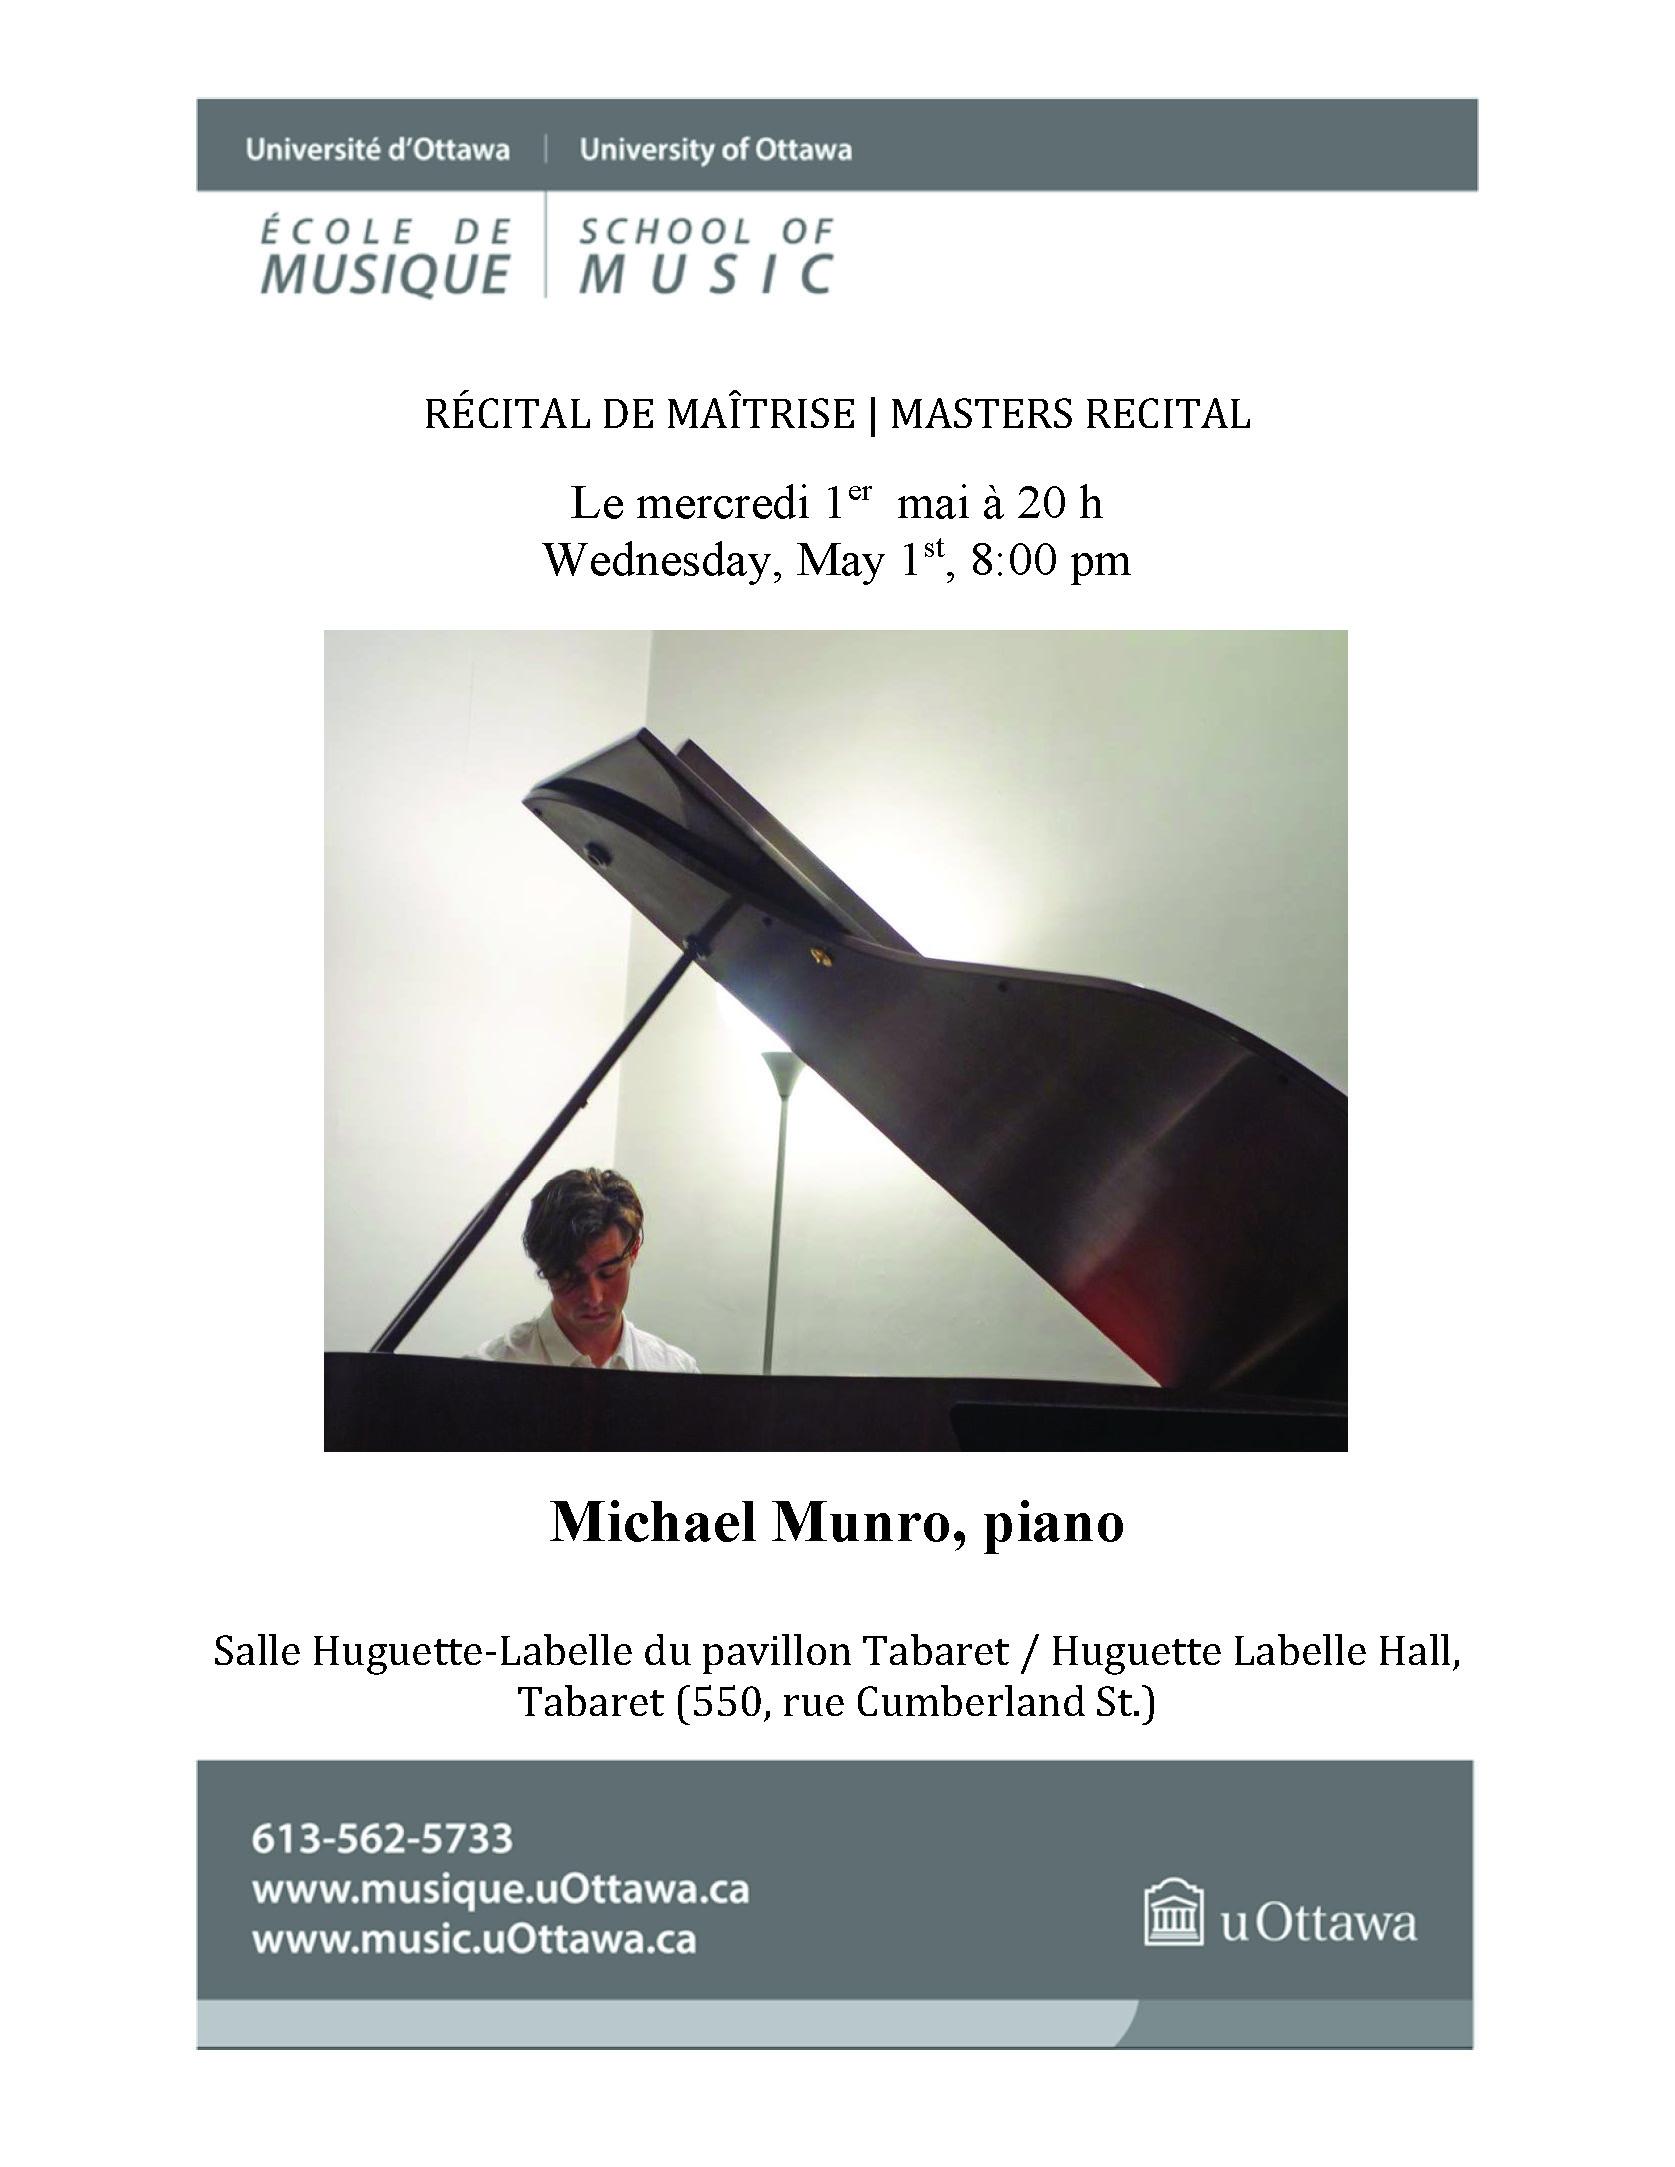 Recital program for Michael Munro, p. 1